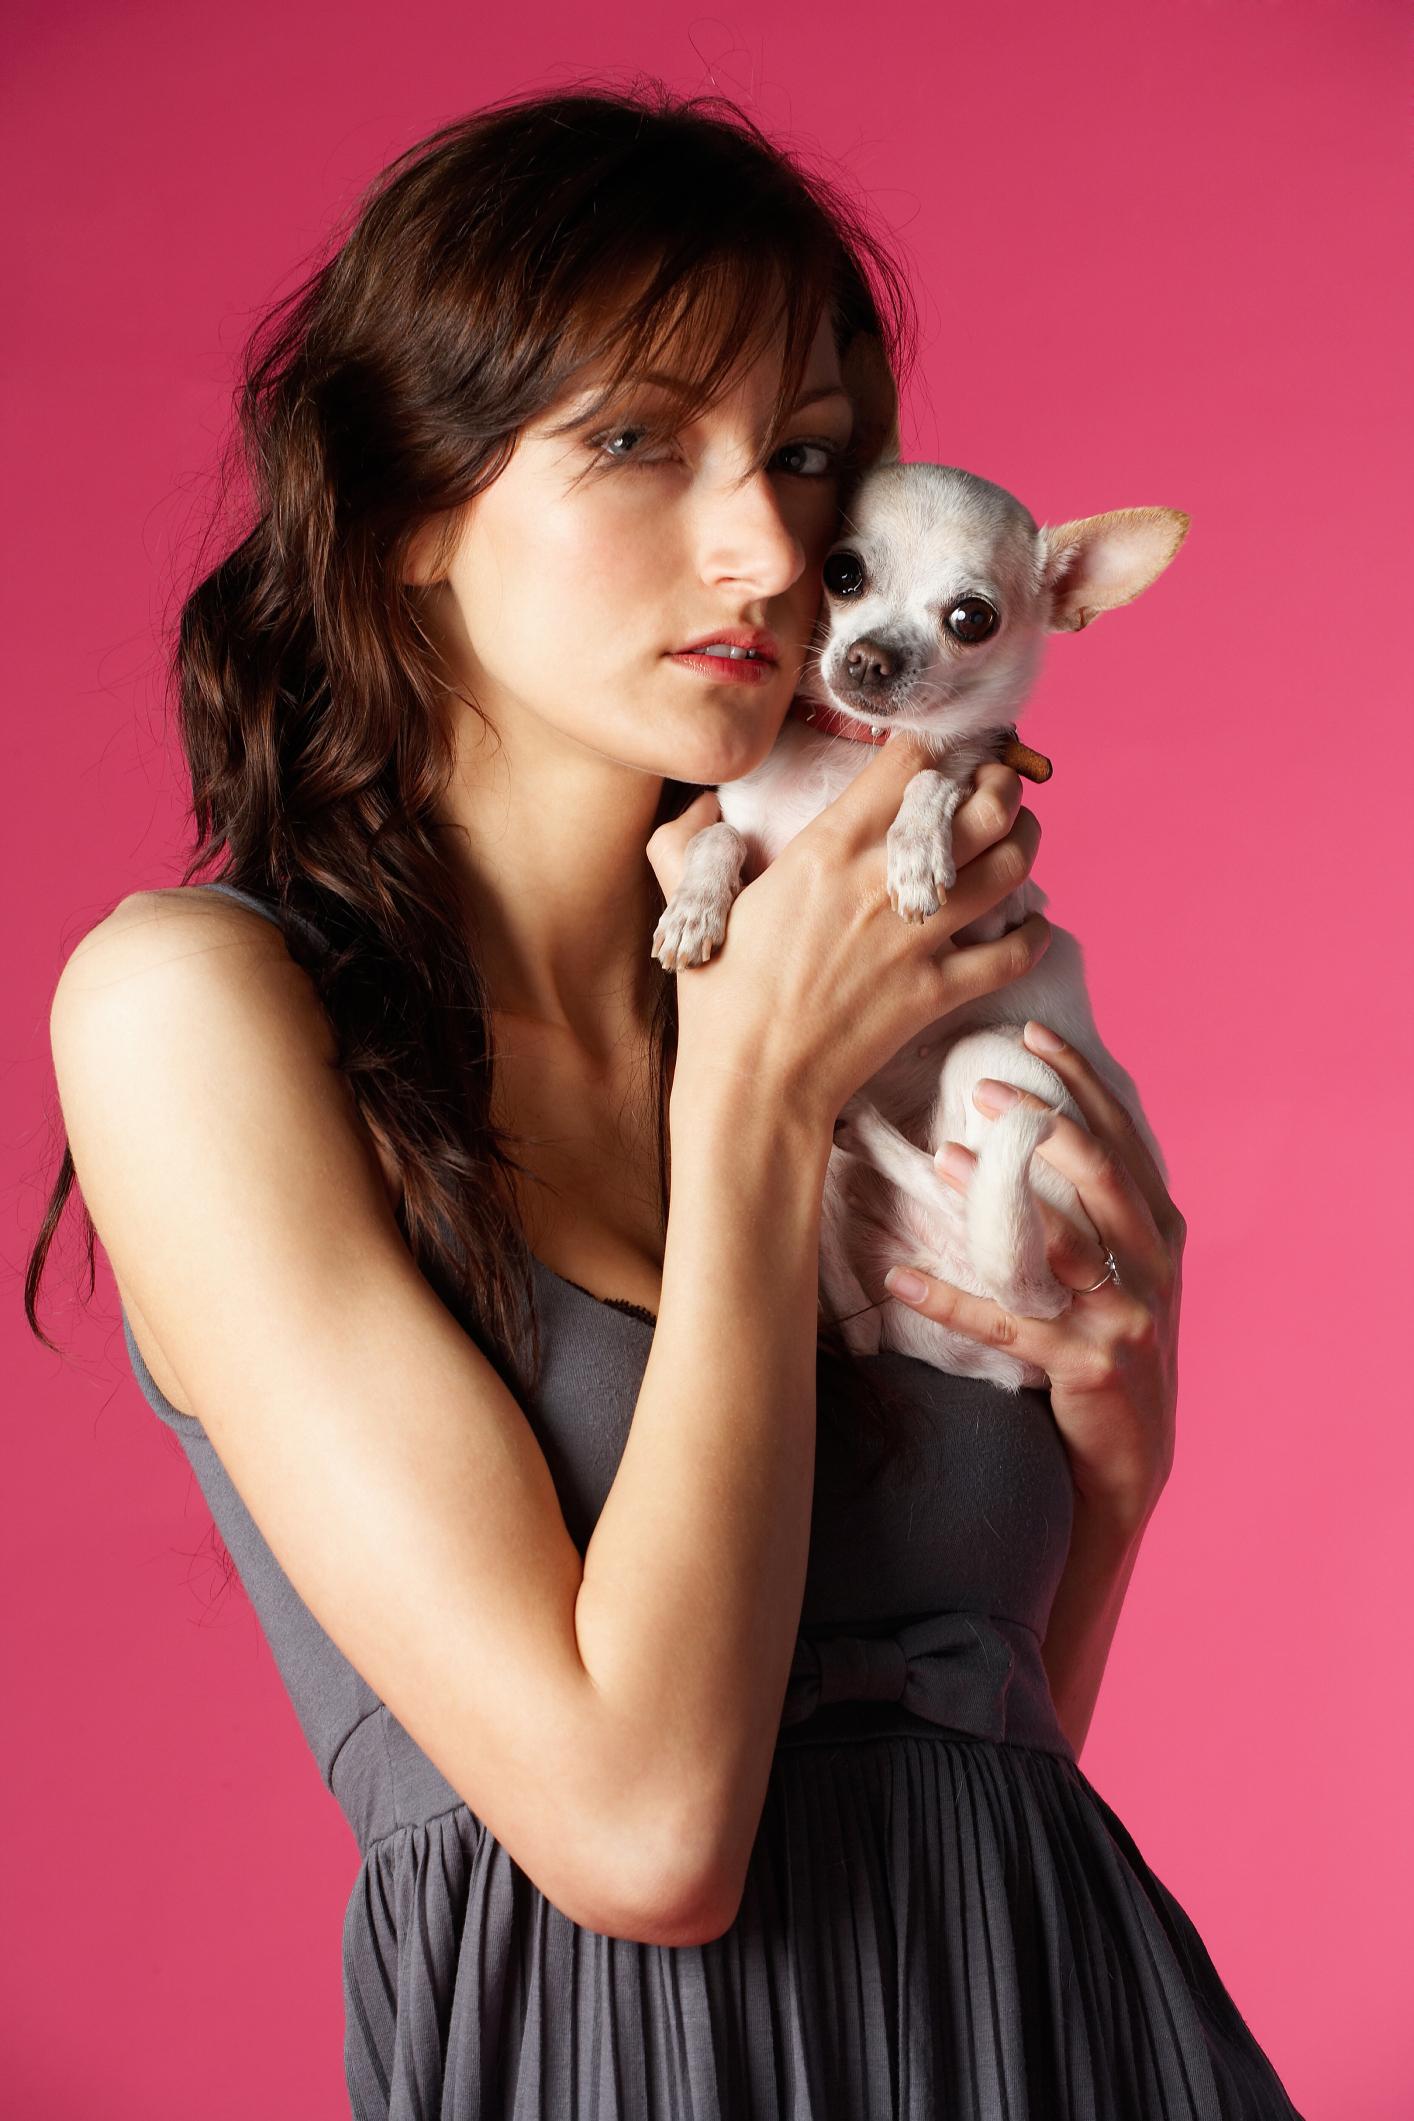 Signos De Un Parto De Chihuahua